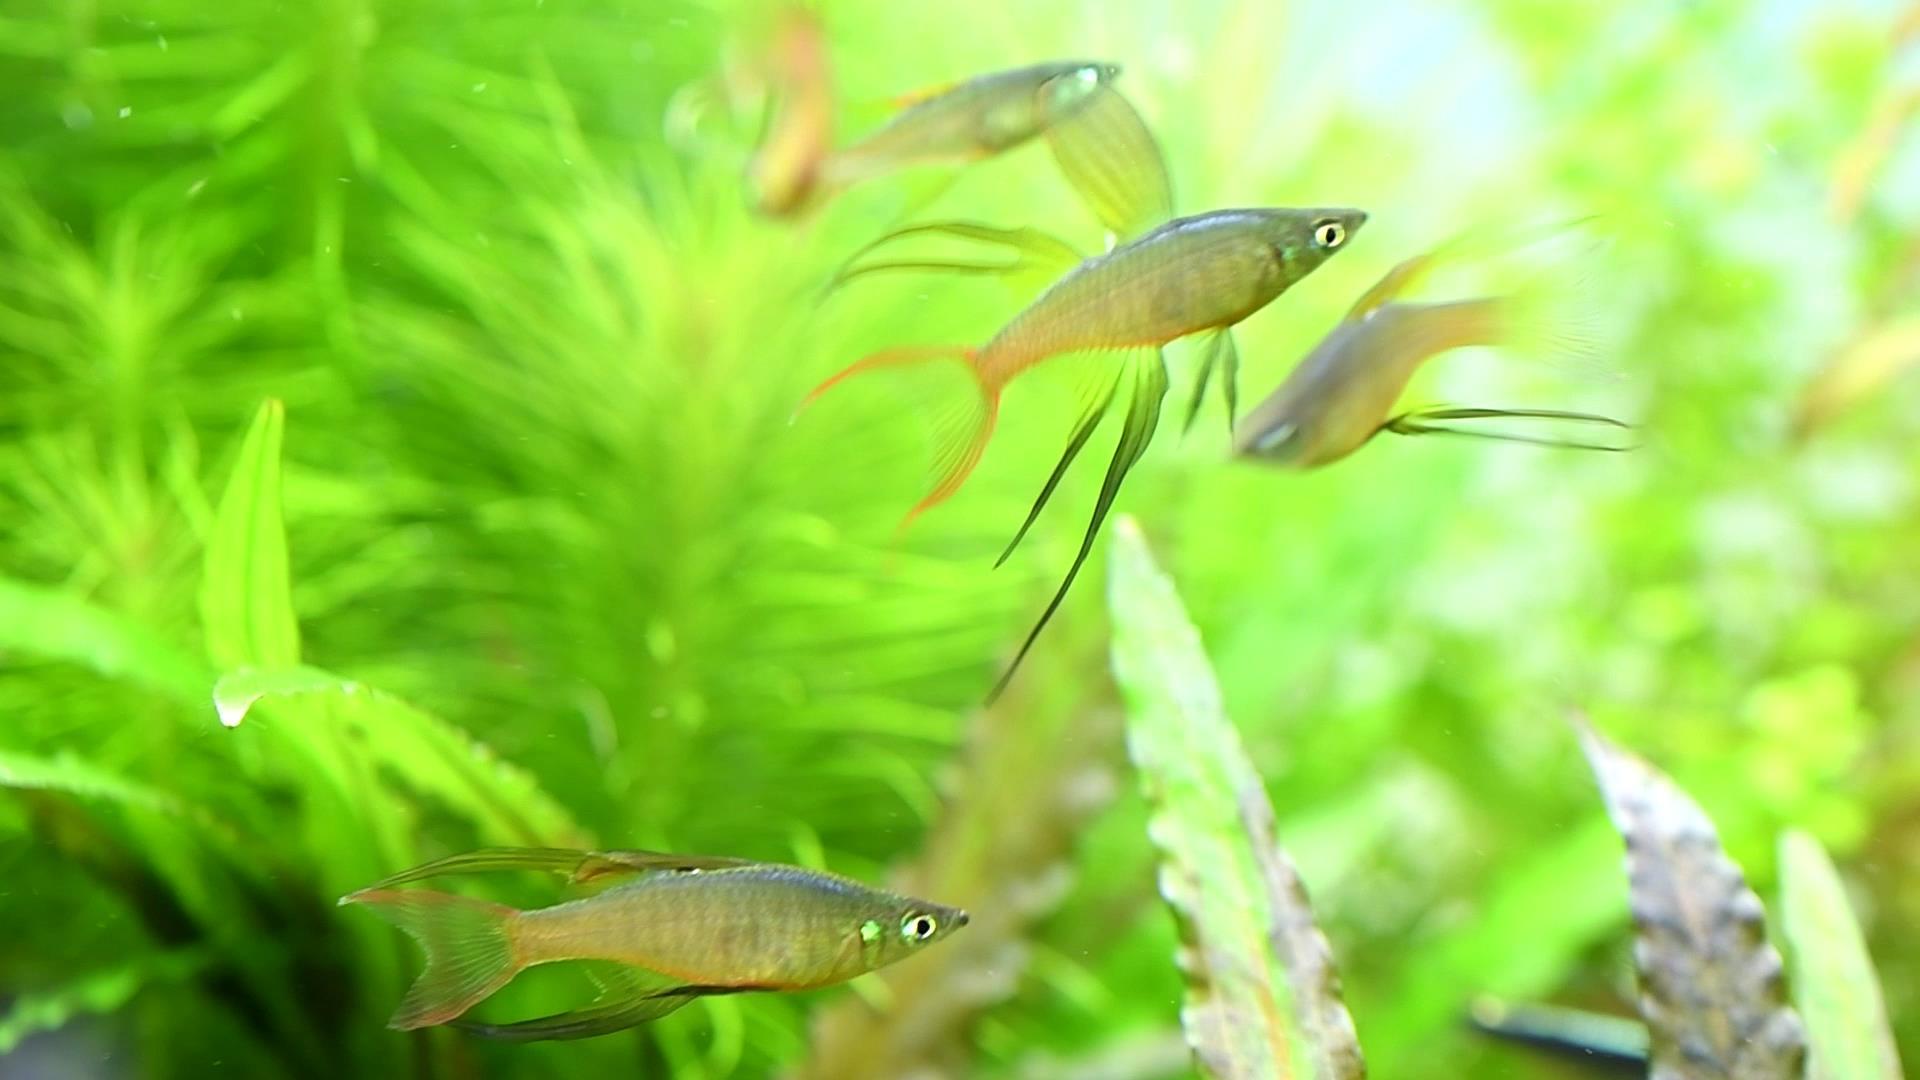 熱帯魚ギャラリー:ニューギニア・レインボー再び